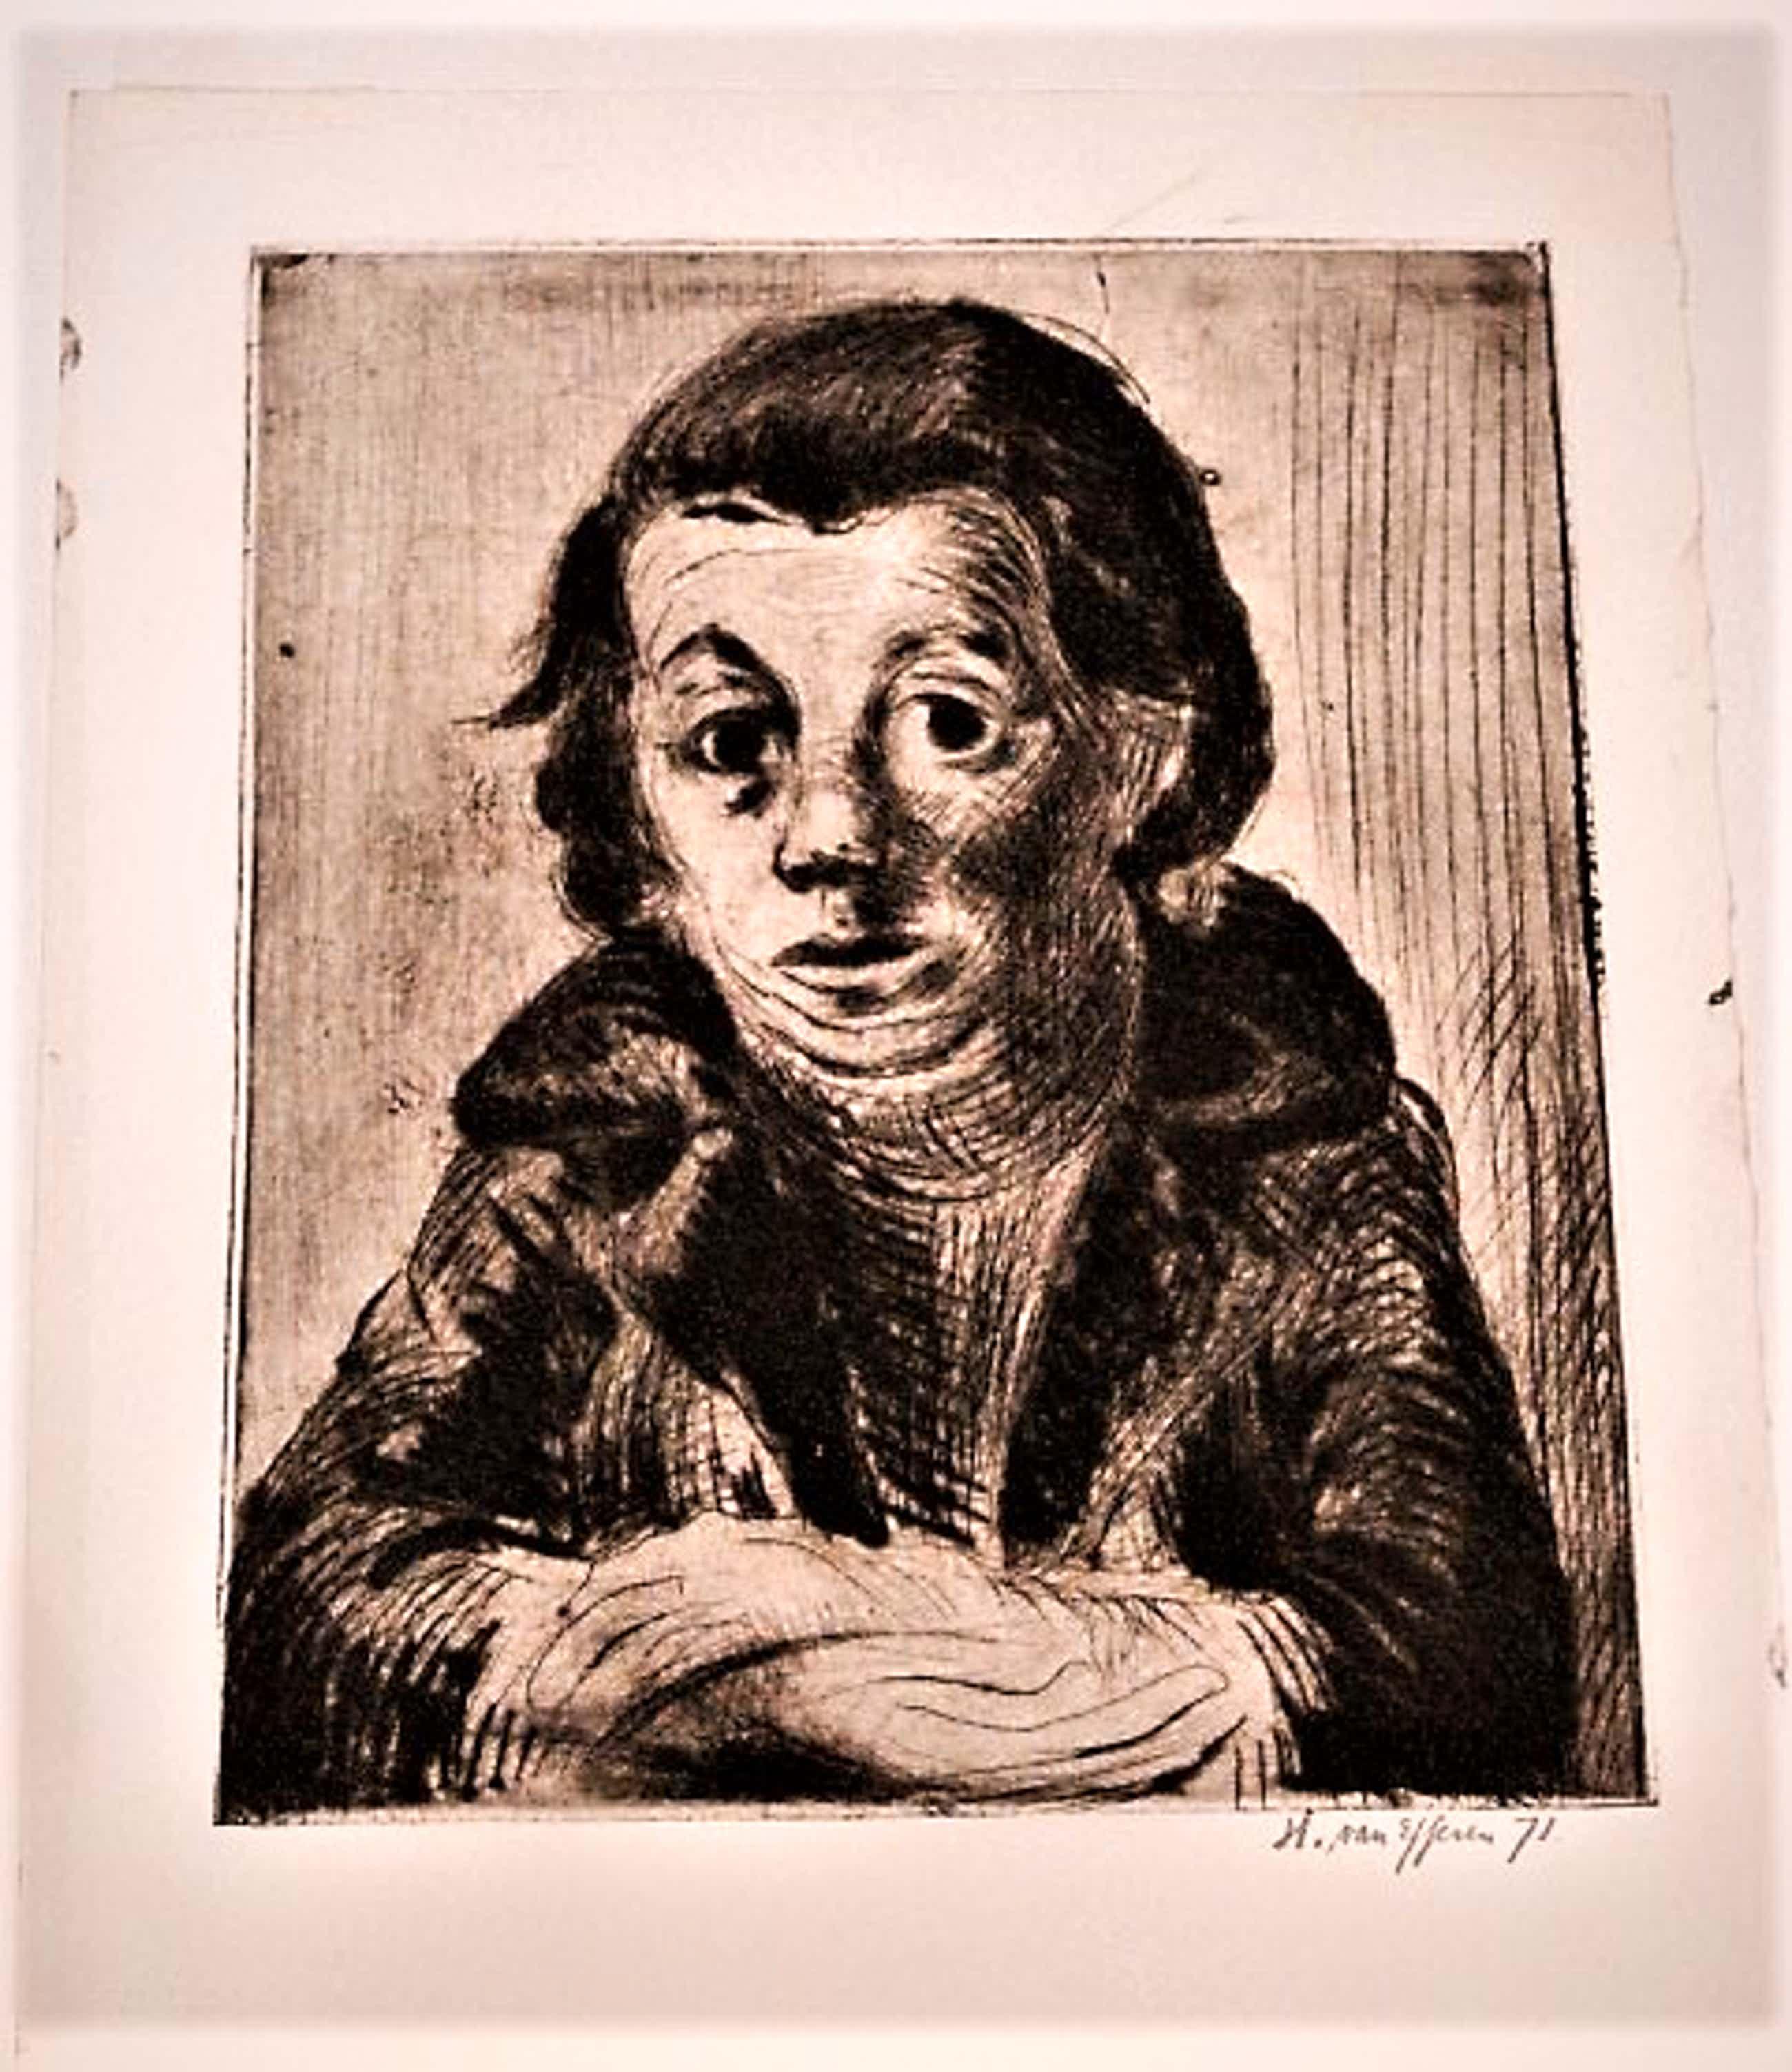 """Hans van Efferen - Krachtige zwart-wit Lino/Houtsnede """"Zelfportret 37 jaar oud"""" gesigneerd kopen? Bied vanaf 30!"""